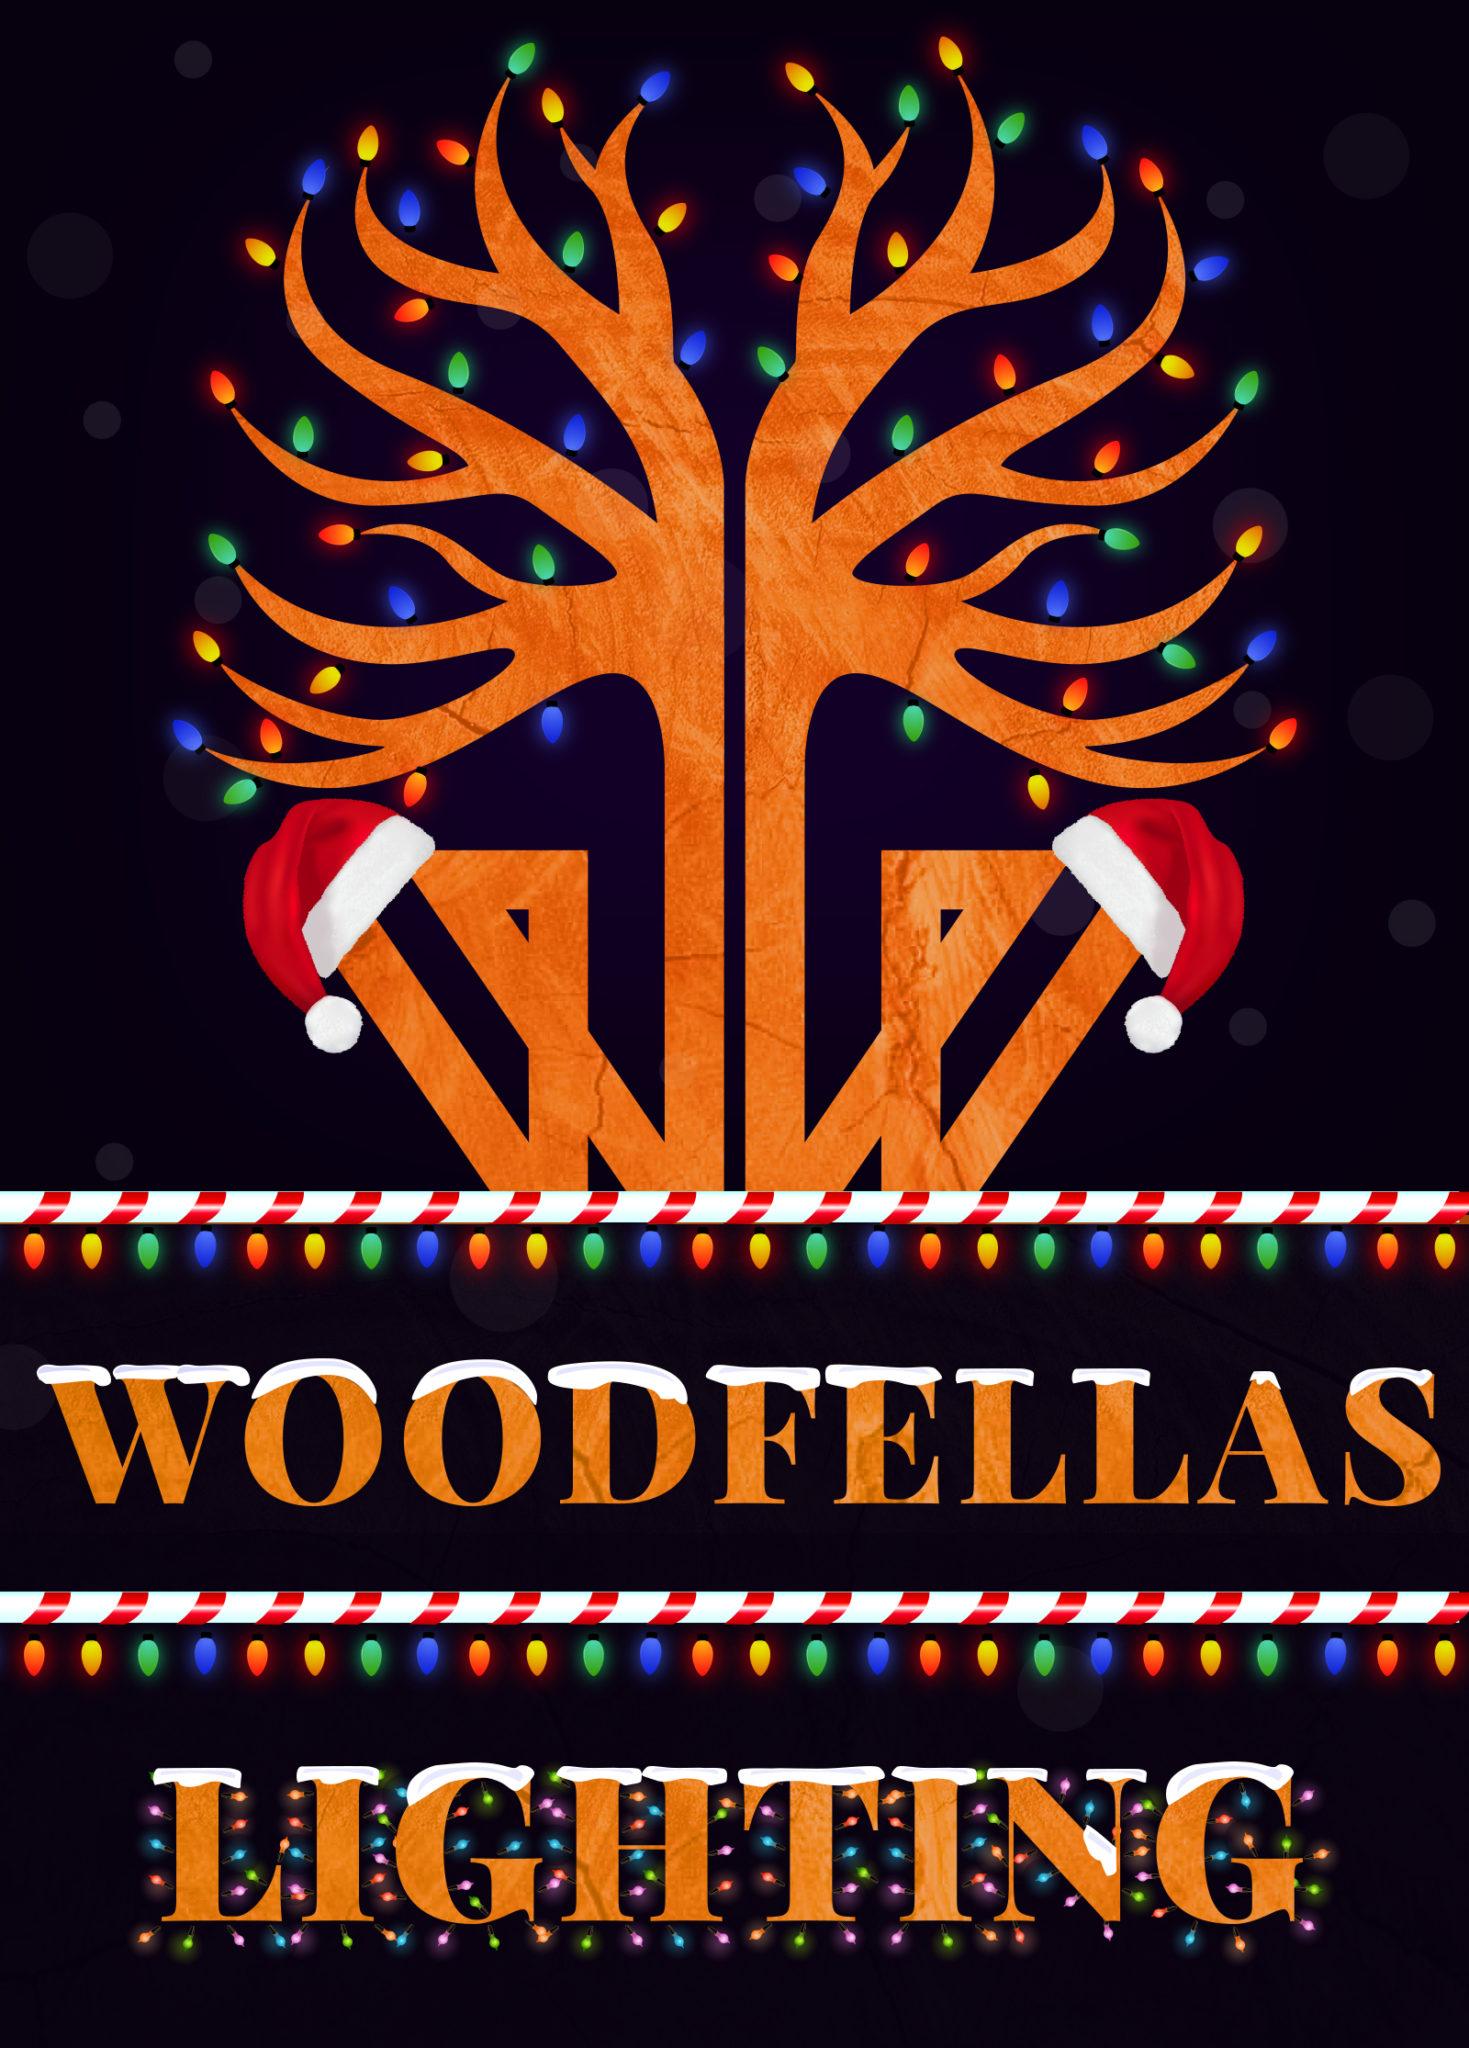 Woodfellas Holiday Lighting